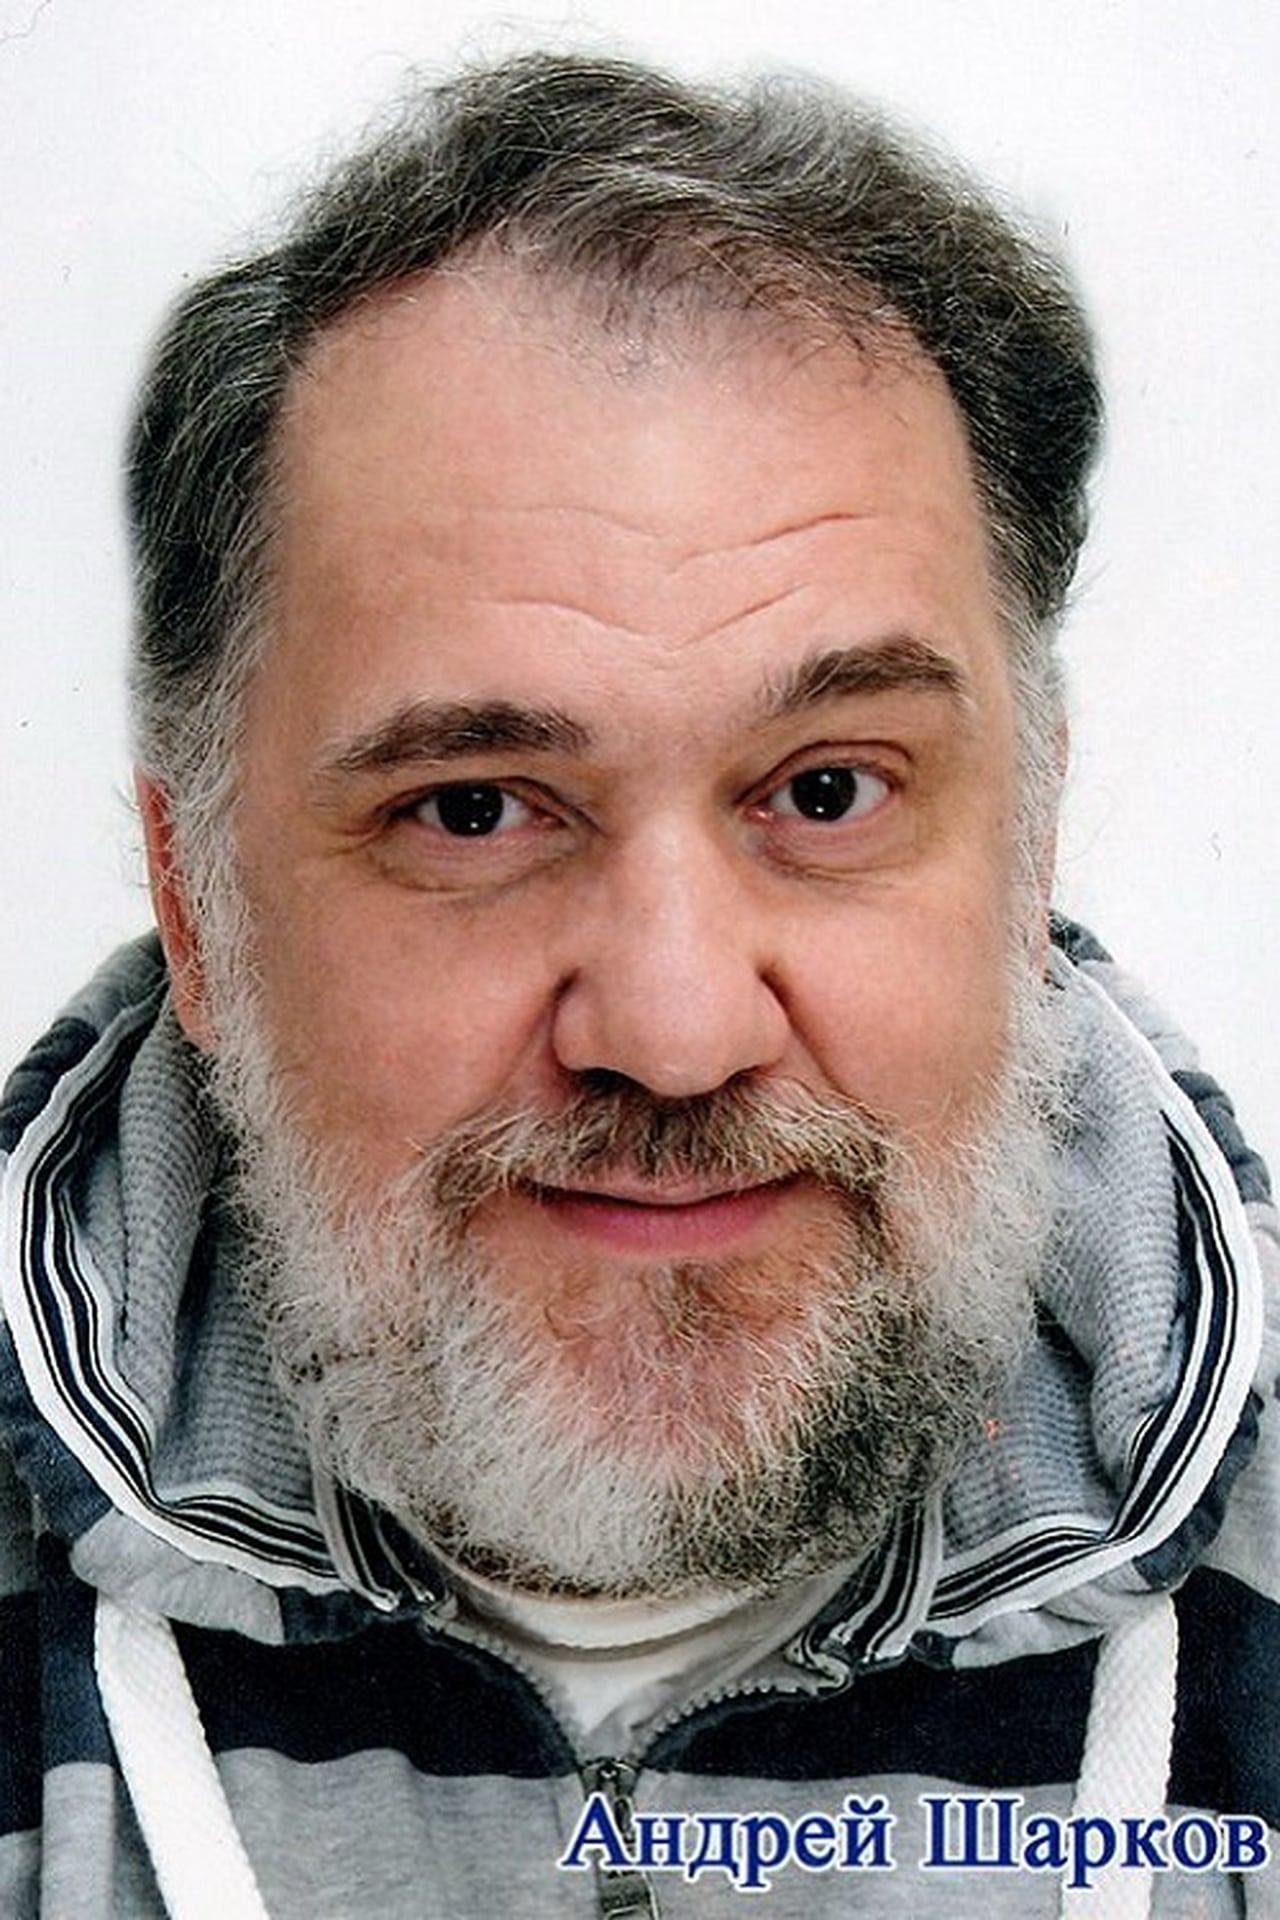 Andrey Sharkov